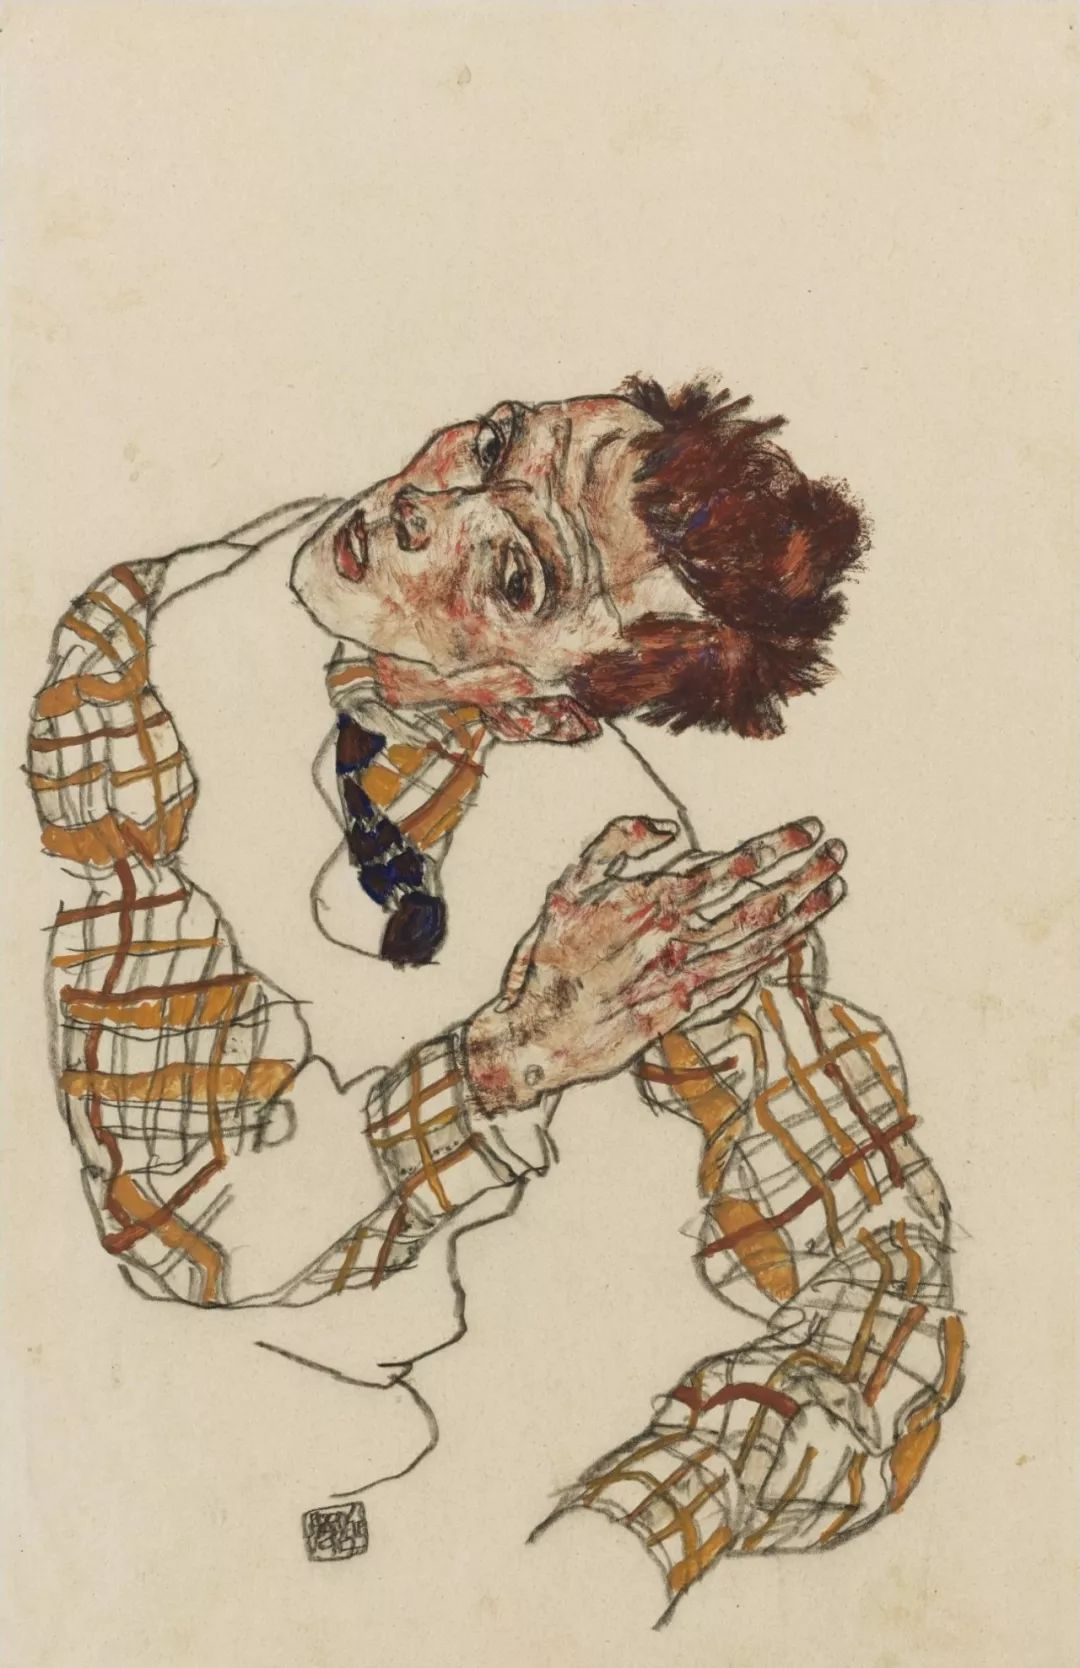 年仅28岁,生前遭受非议,死后却被捧为直逼心灵的艺术家插图71